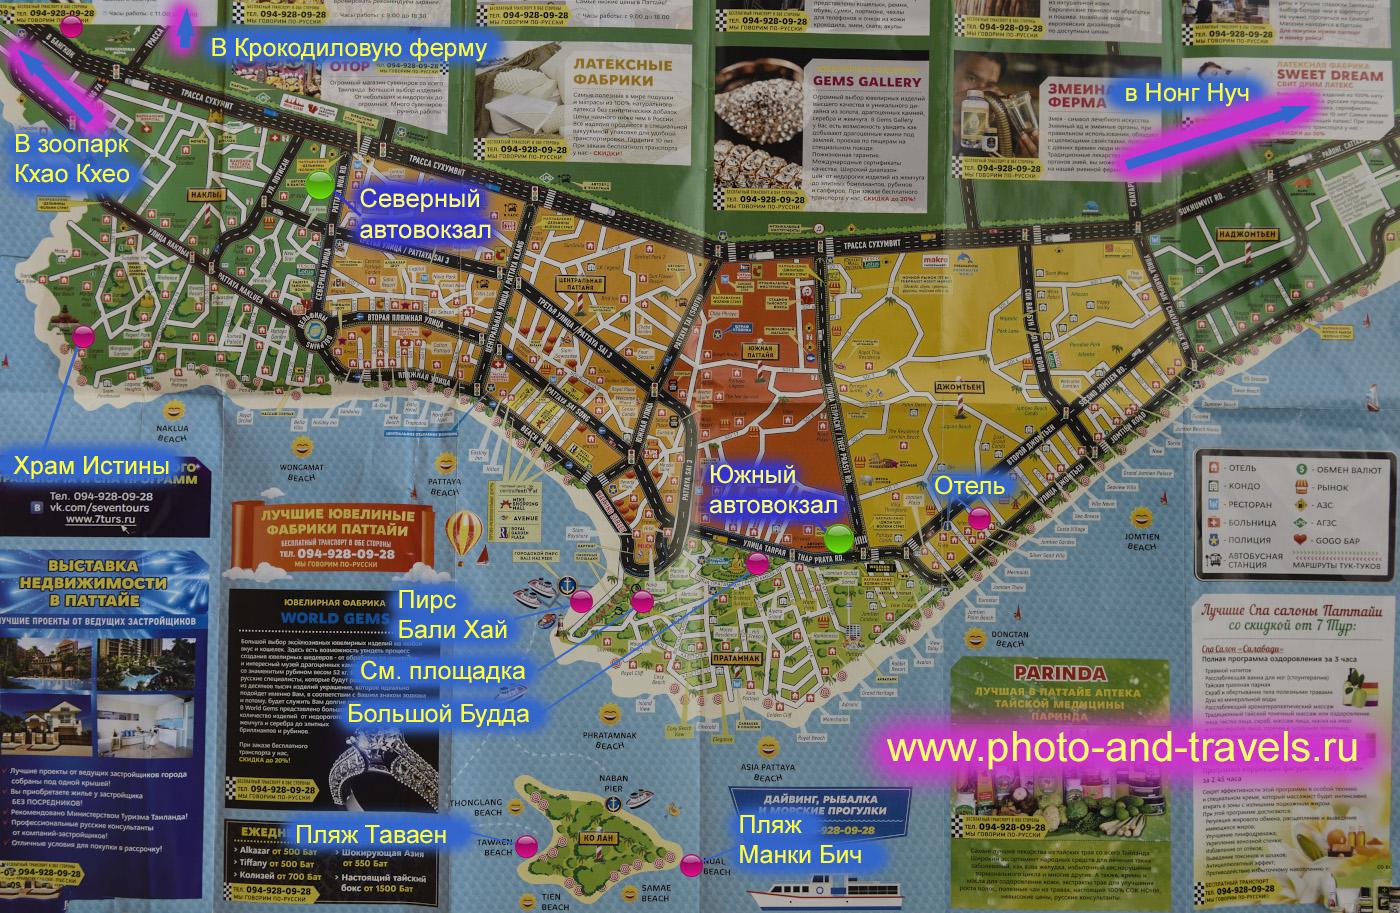 Карта, где лучше поселиться и схема расположения основных достопримечательностей в Паттайе, о которых идет речь в данном отчете.  Рекомендации туристам, собирающимся на отдых в Таиланд.